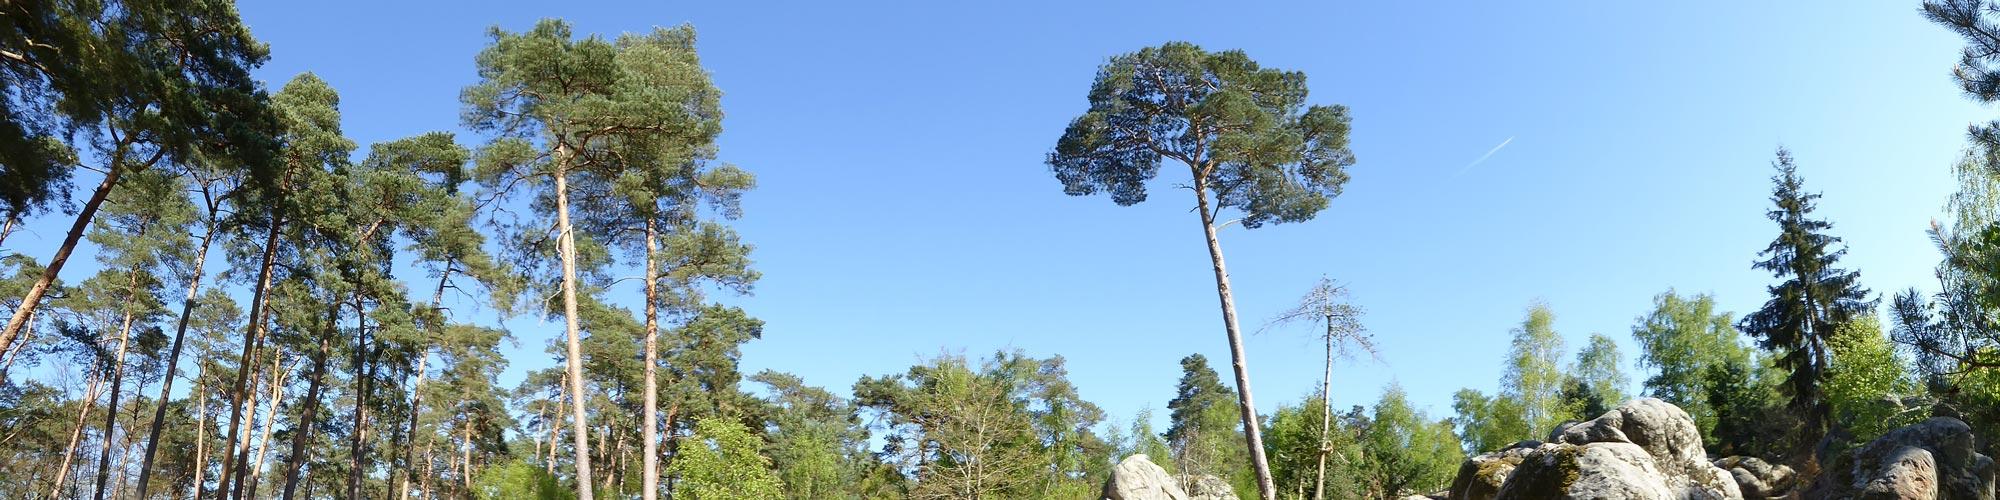 Panoramique réalisée avec le Panasonic TZ60, 04 2014. Ph. Moctar KANE.